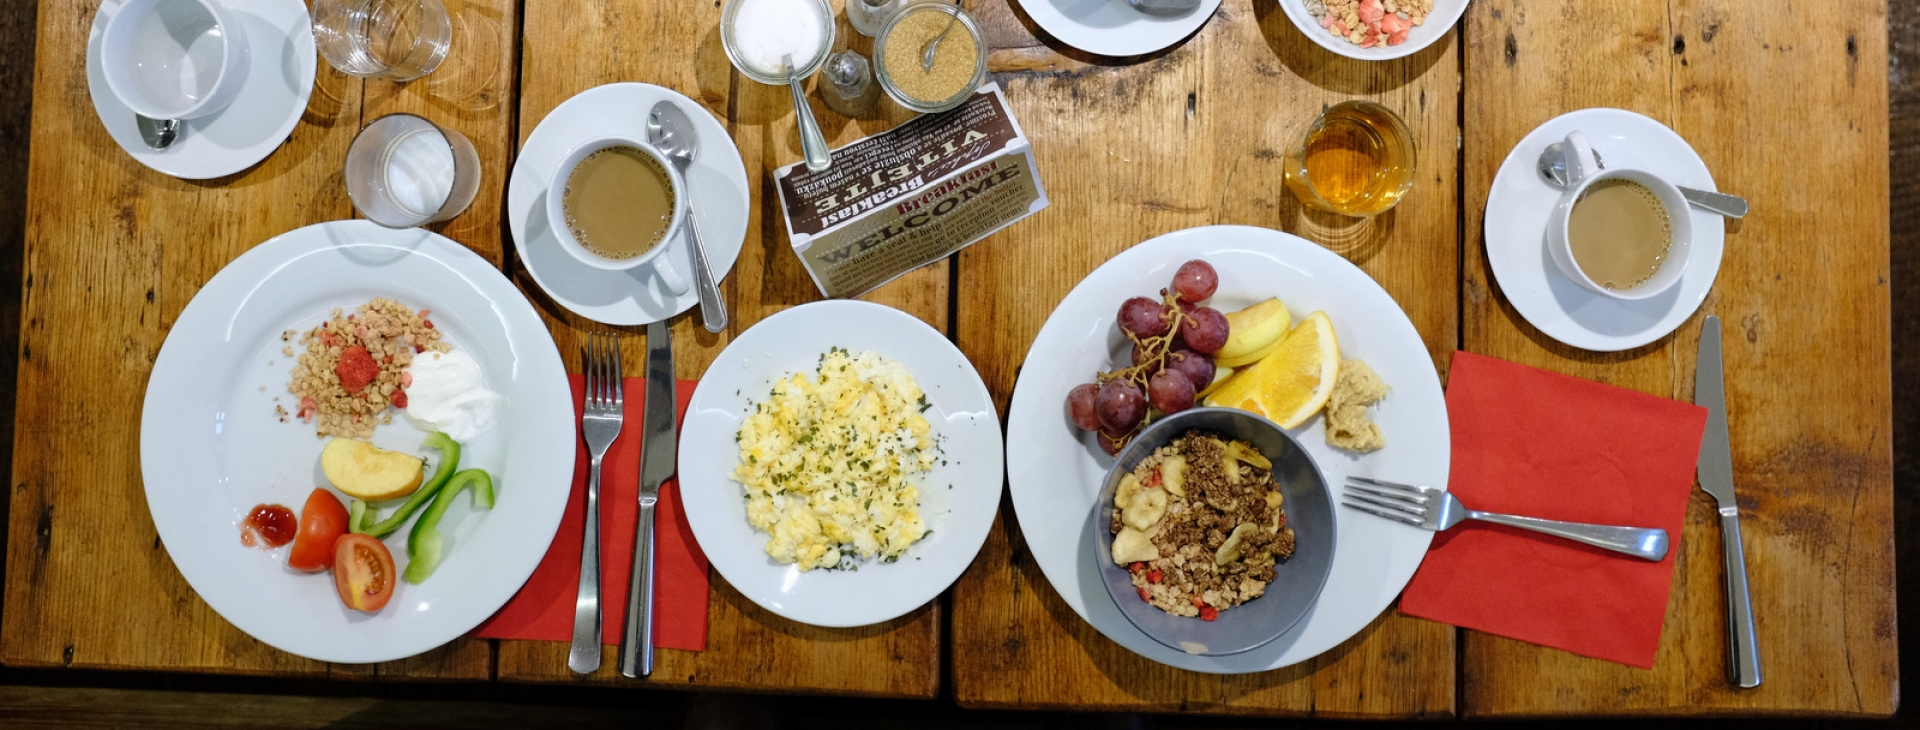 Sophie's hostel breakfast